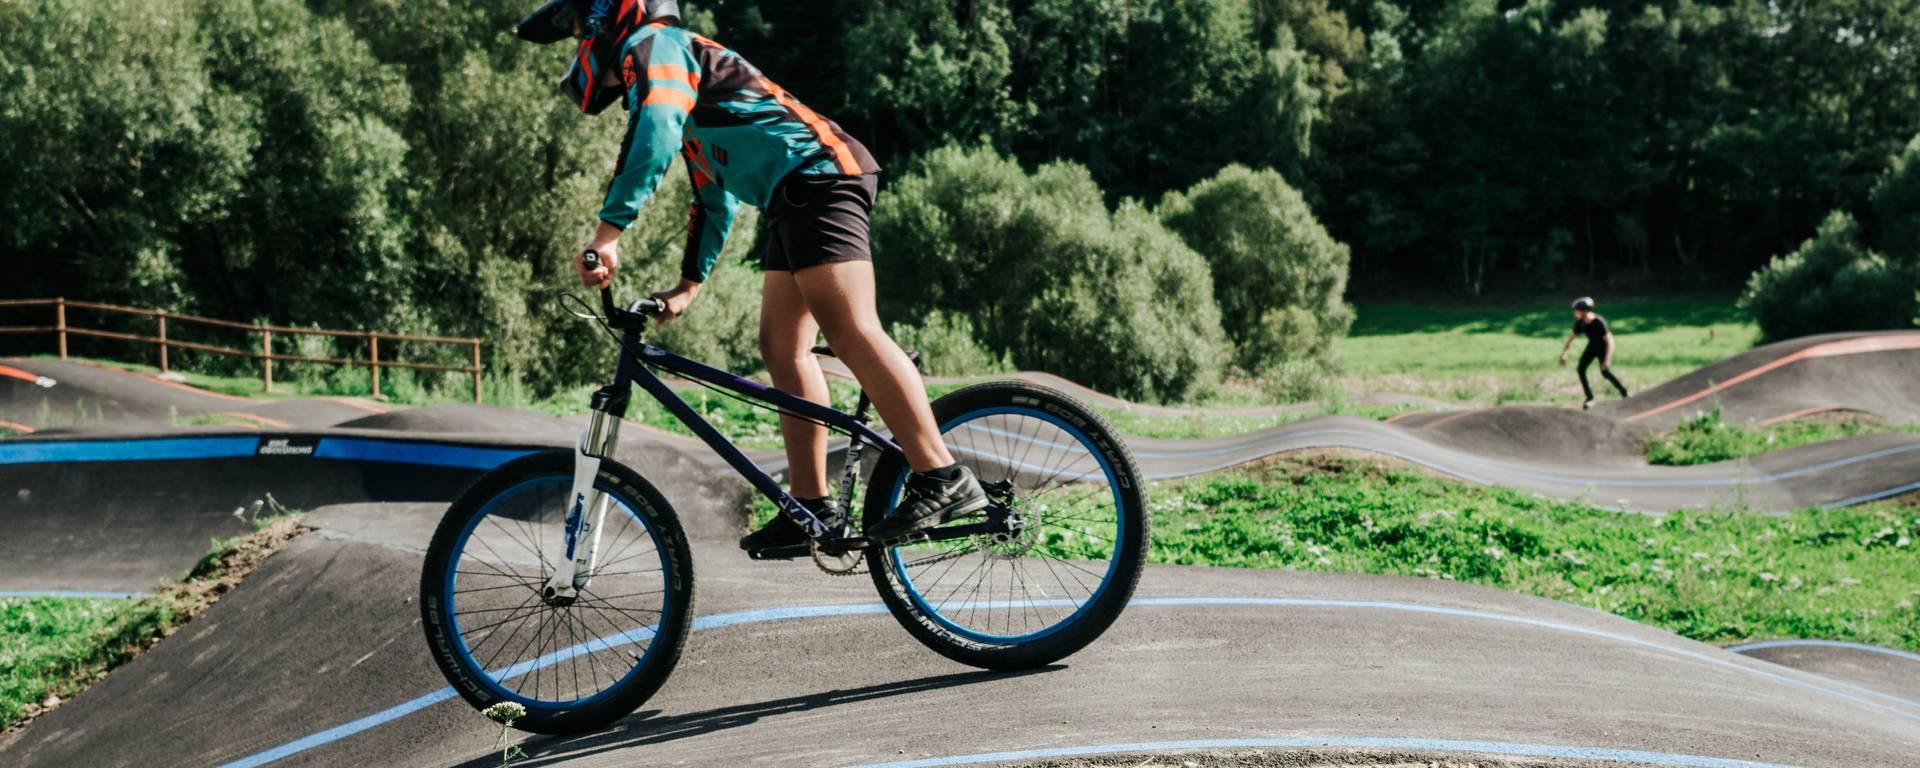 Vélo Epinal - piste cyclable Vosges - VTT Vosges - VTT montagne - BMX Xertigny